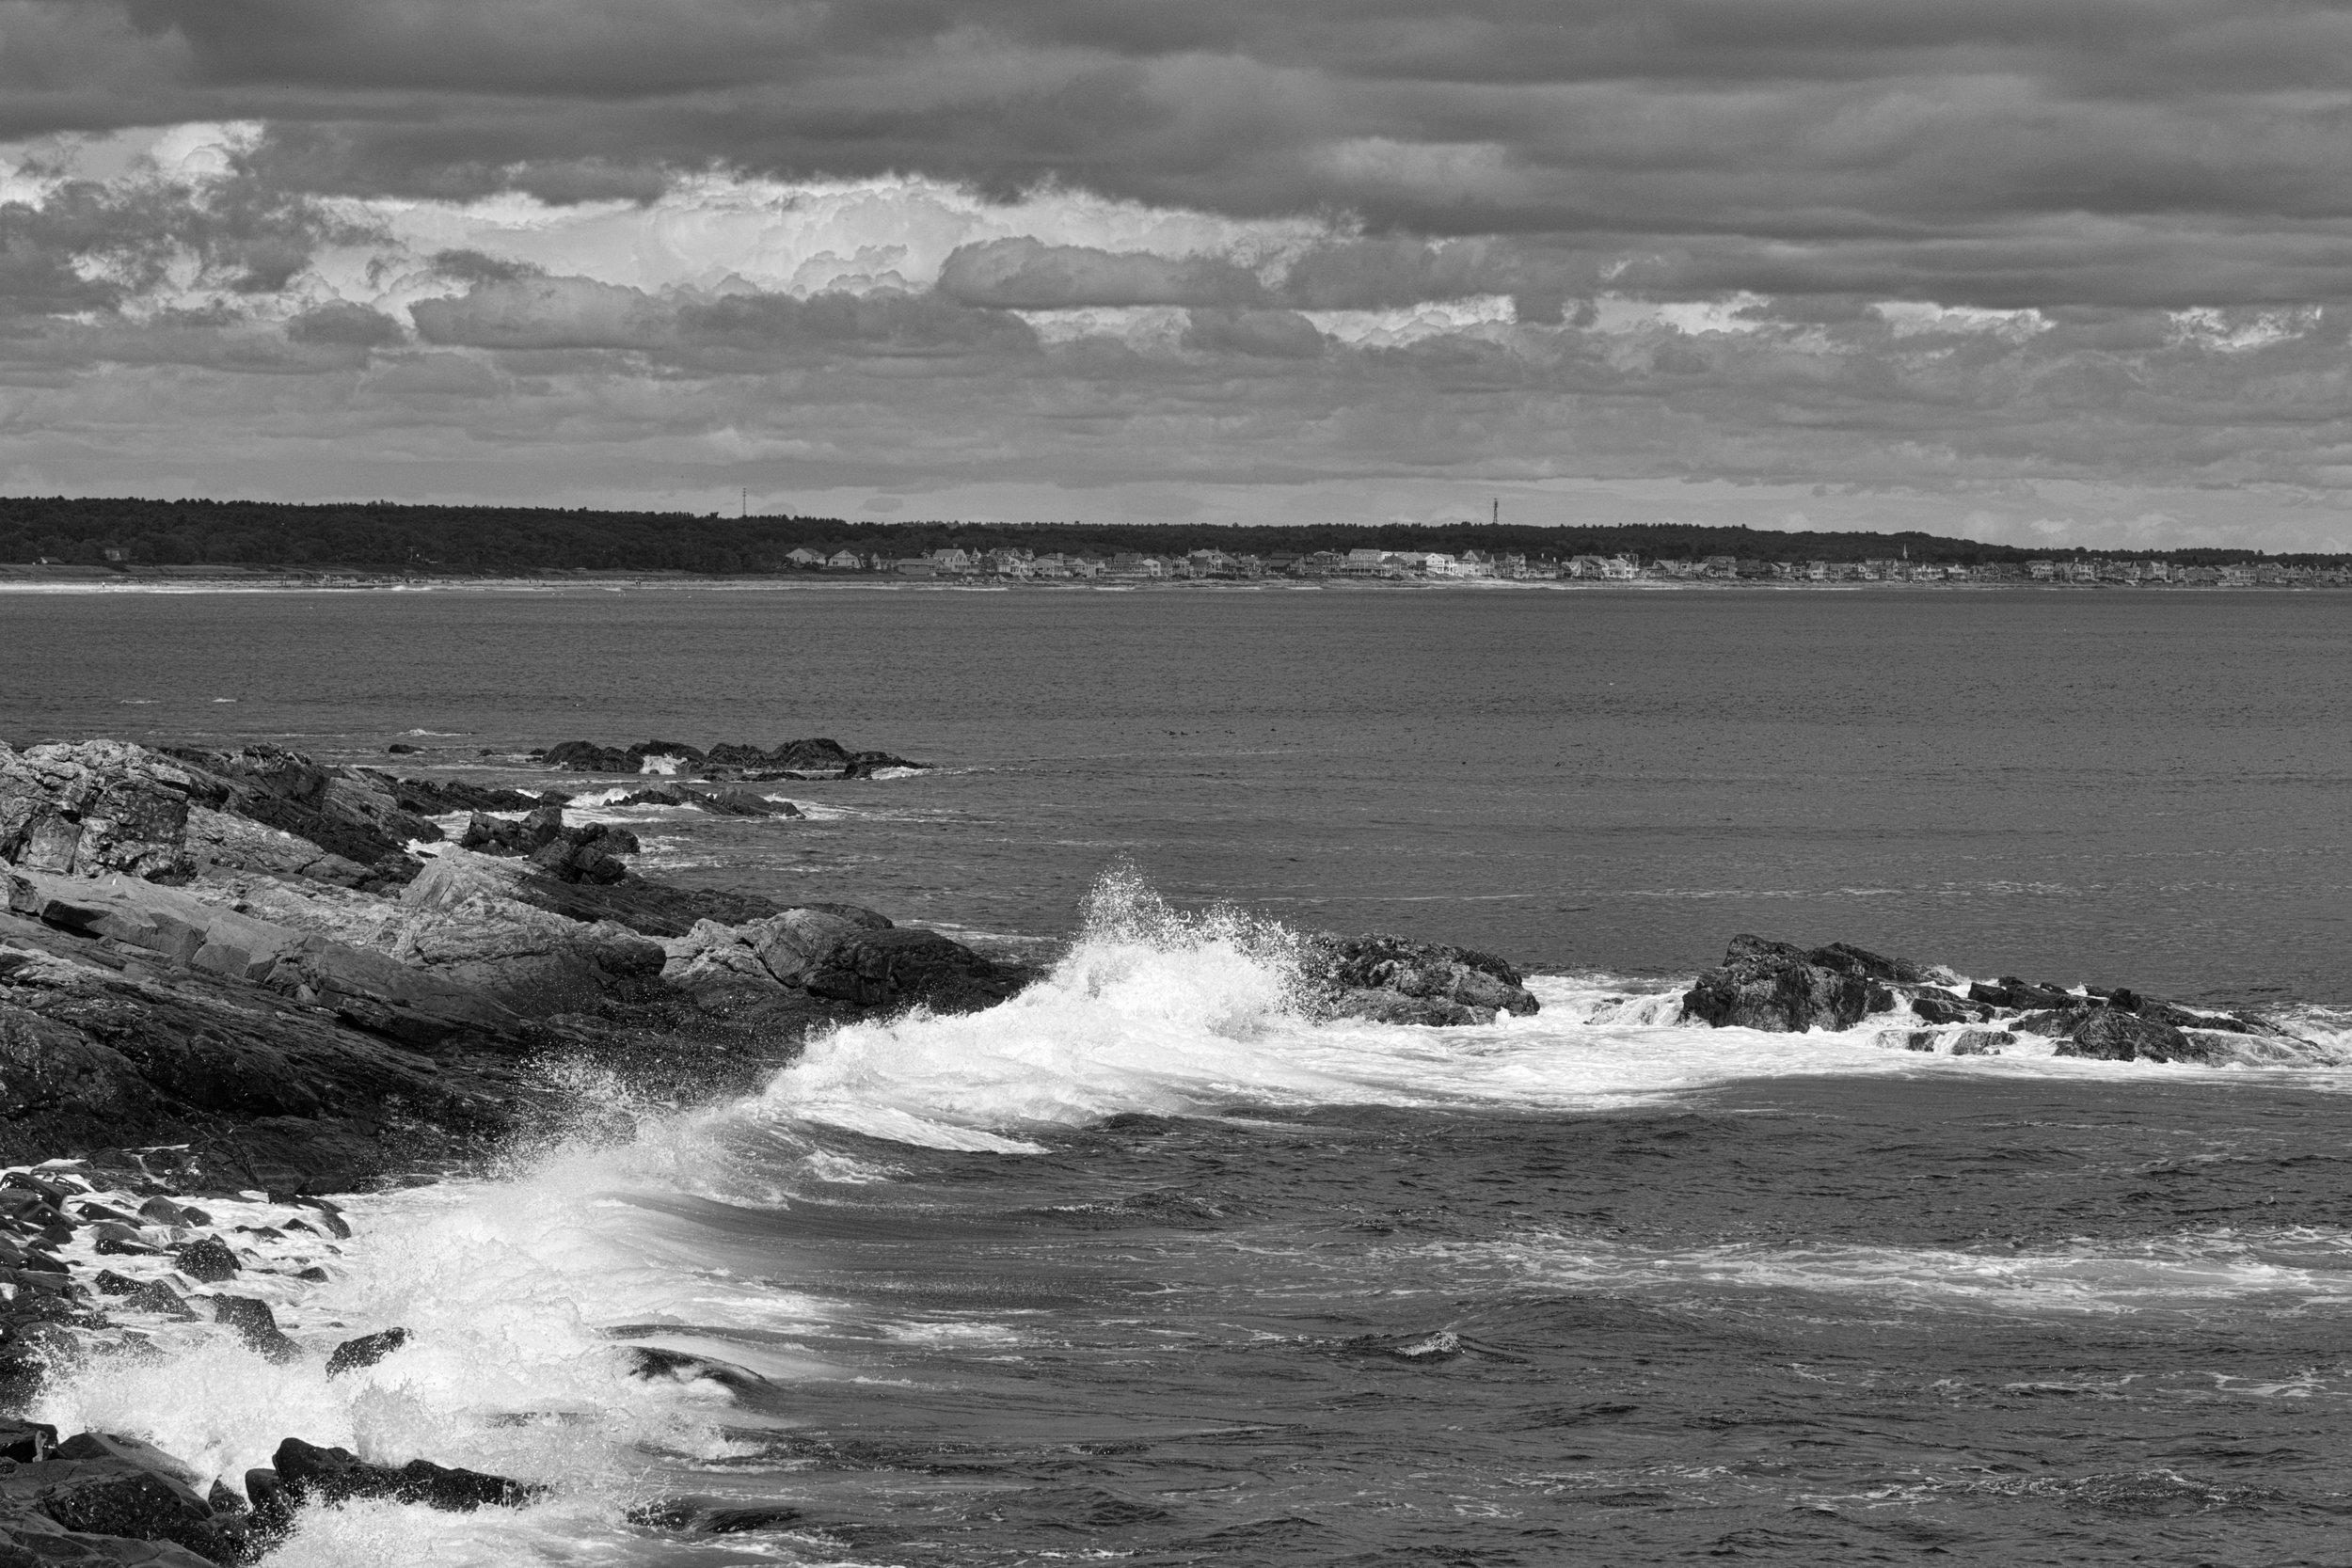 2015-09-14-12-47-07-284-Maine (1).jpg